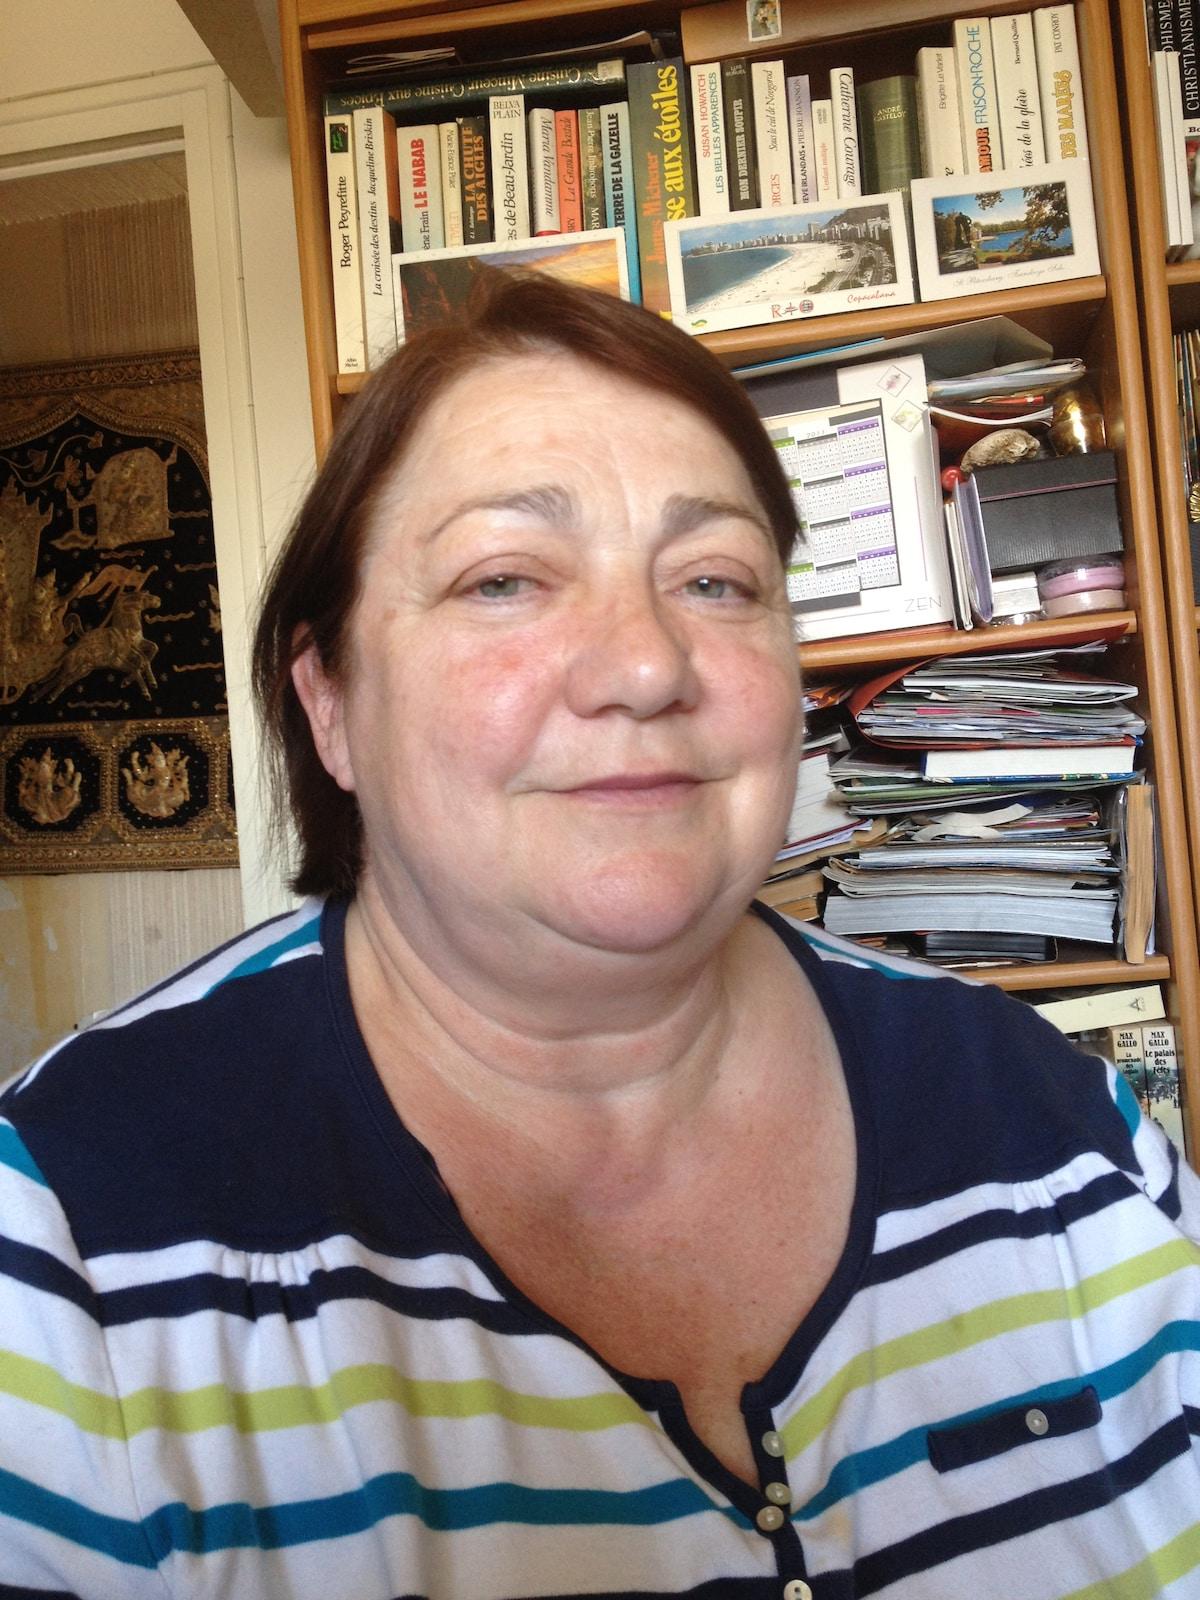 Myriam from Sarzeau